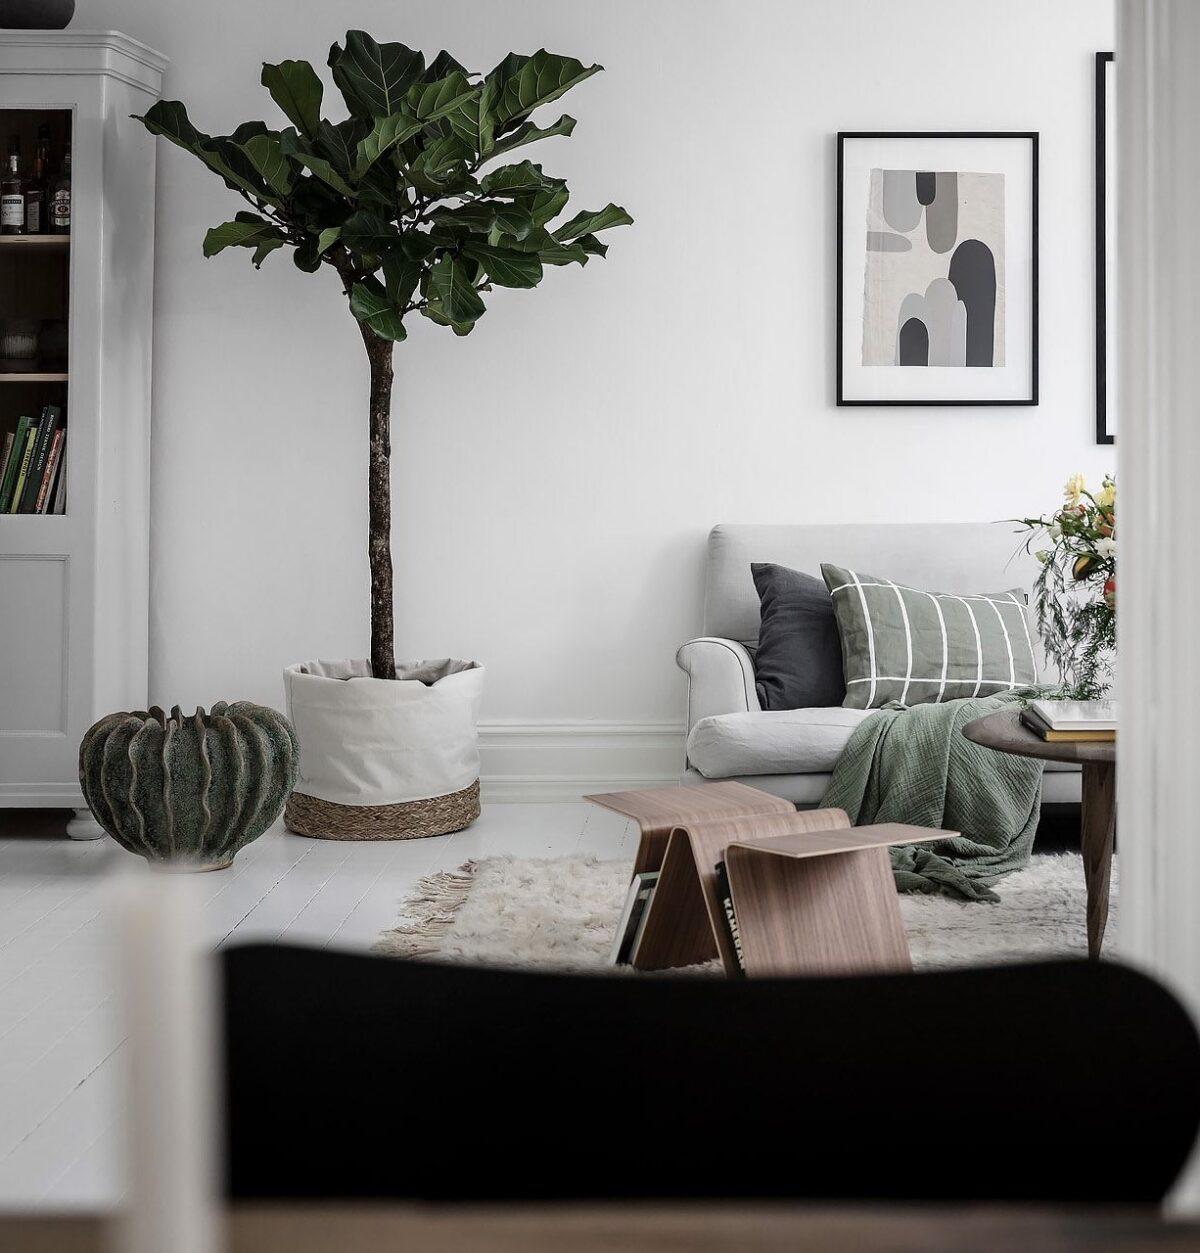 salon blanc nature végétal Ficus Lyrata géant arbuste intérieur